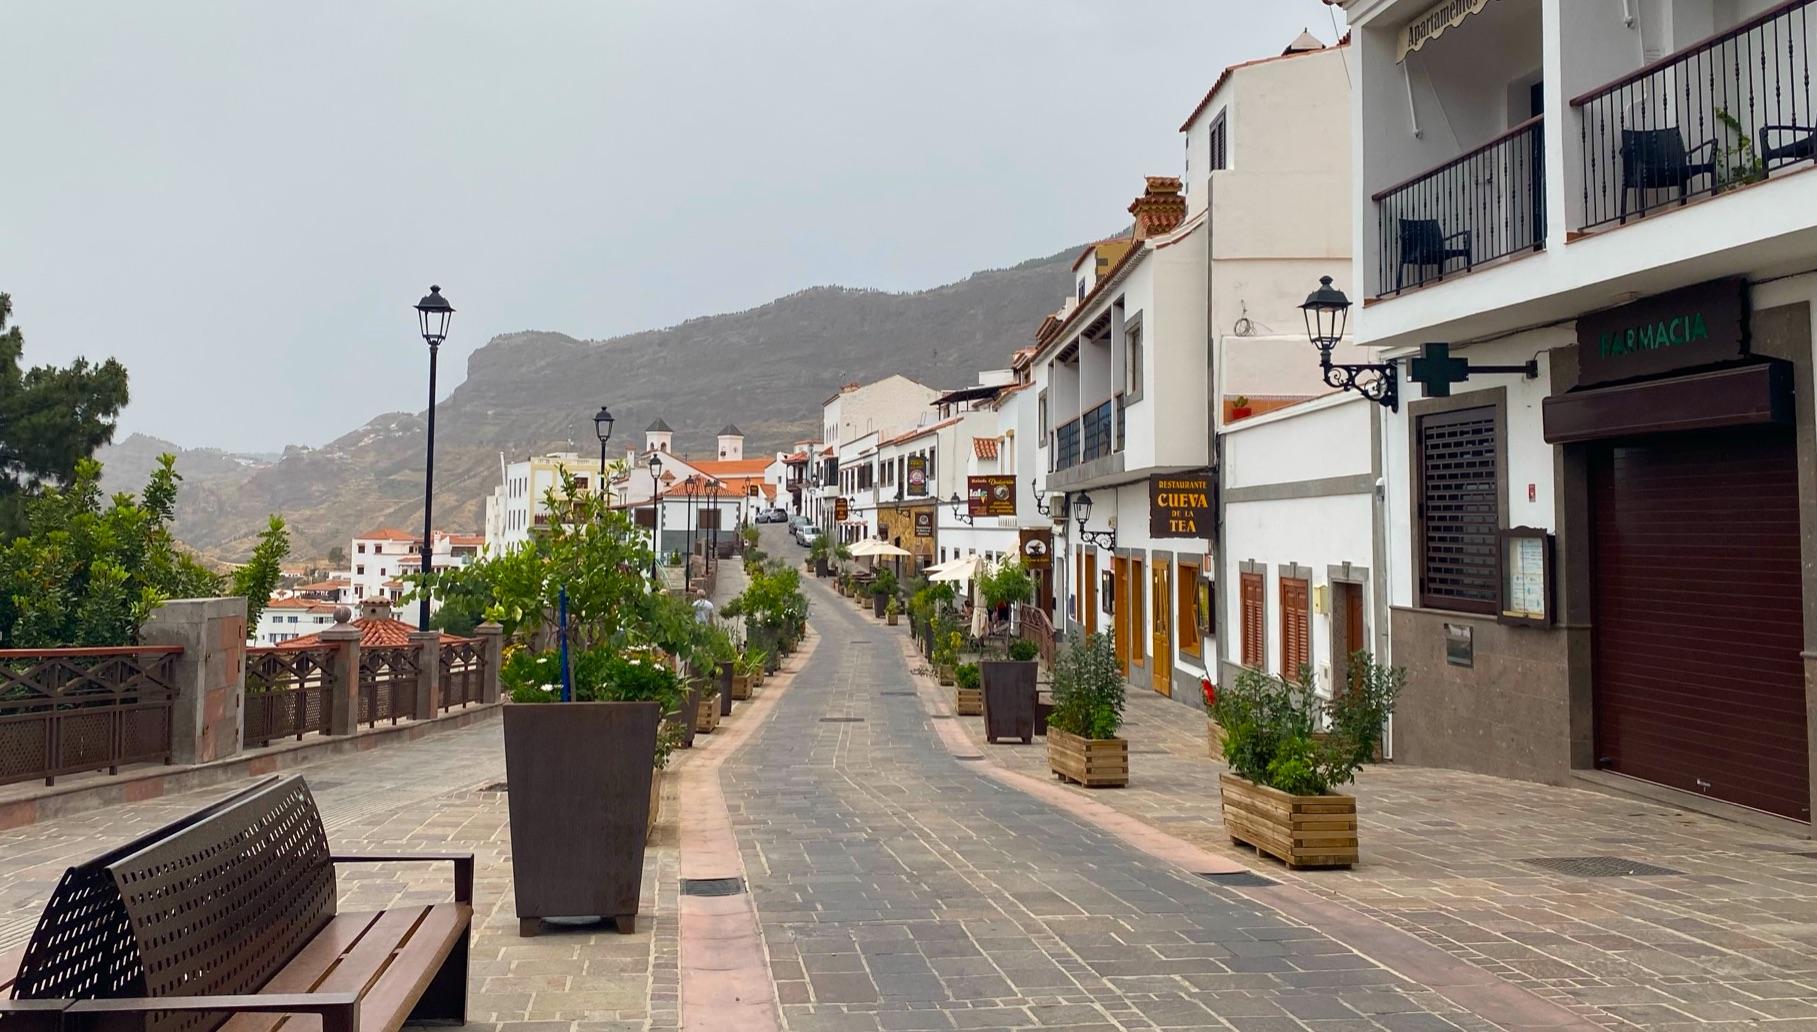 Blick in den Ort Tejeda